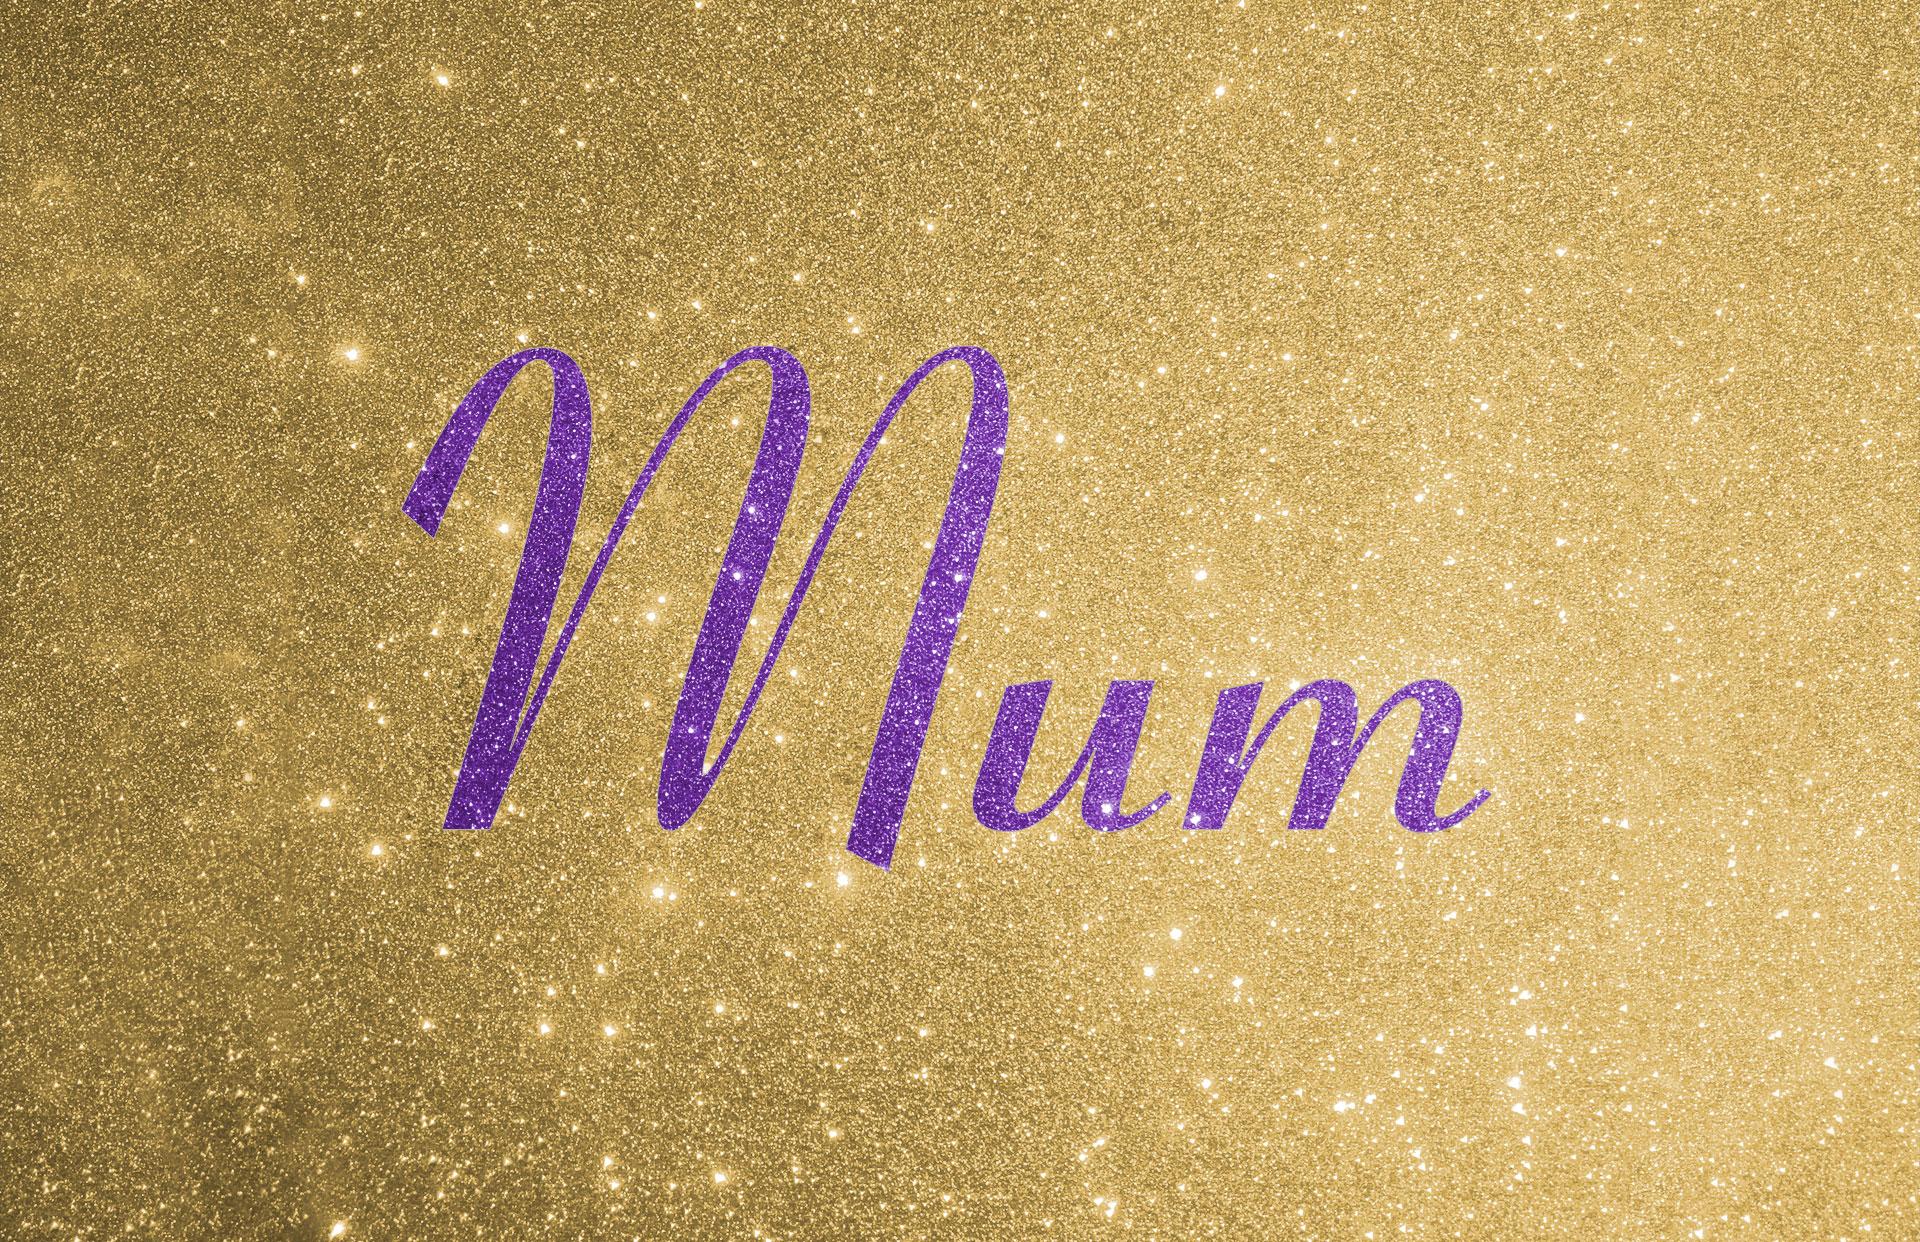 Glitter contrast wording shown in purple